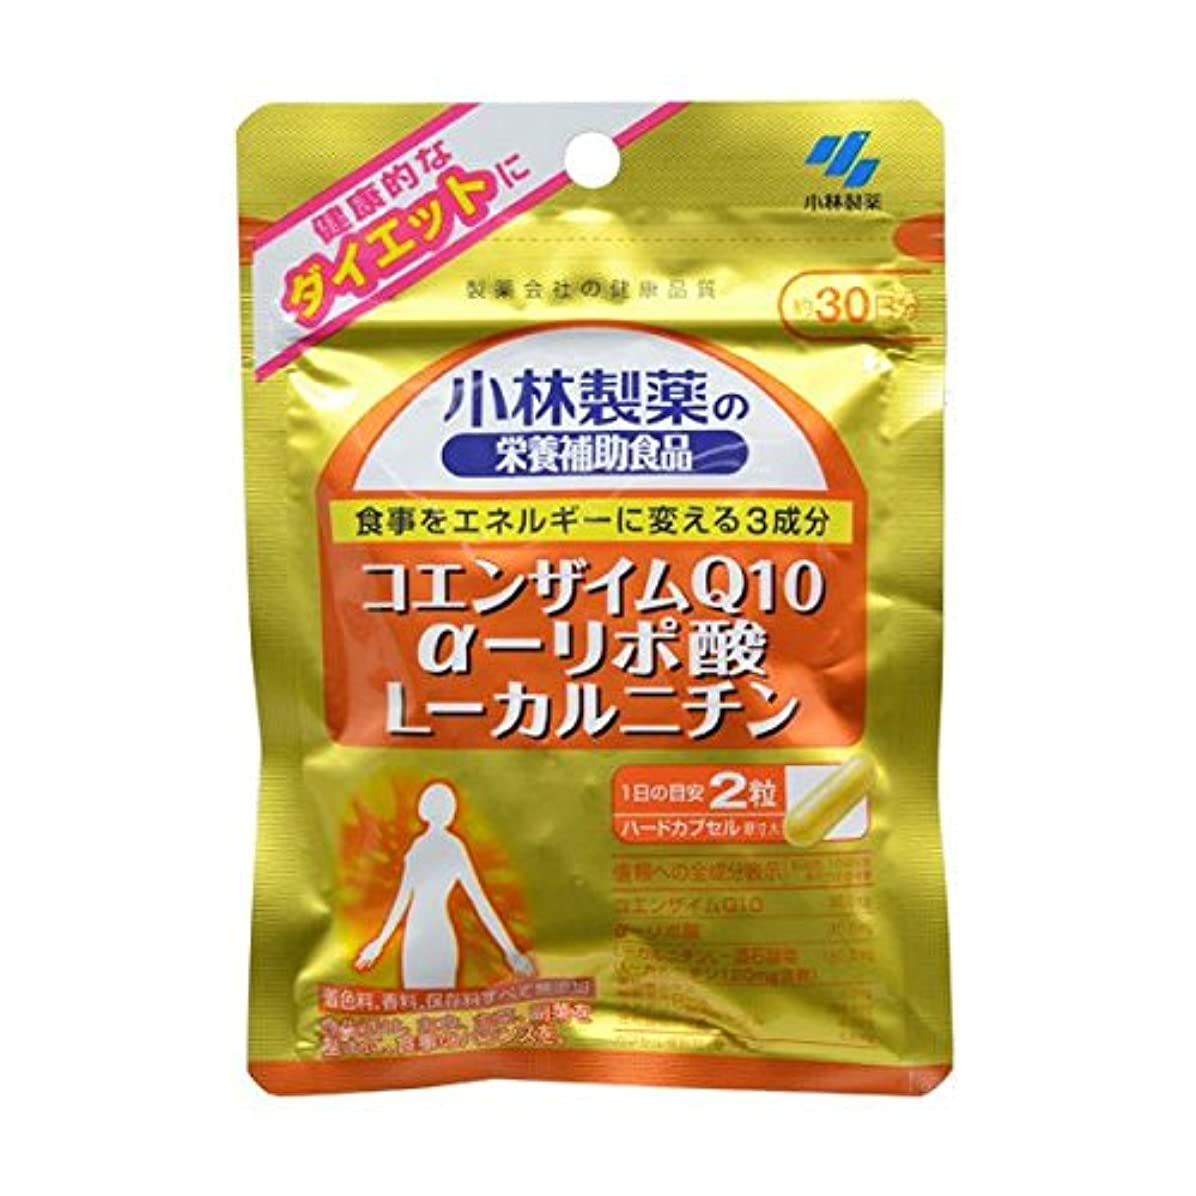 ハンドブック原告地平線小林製薬 小林製薬の栄養補助食品コエンザイムQ10α-リポ酸L-カルニチン60粒×2